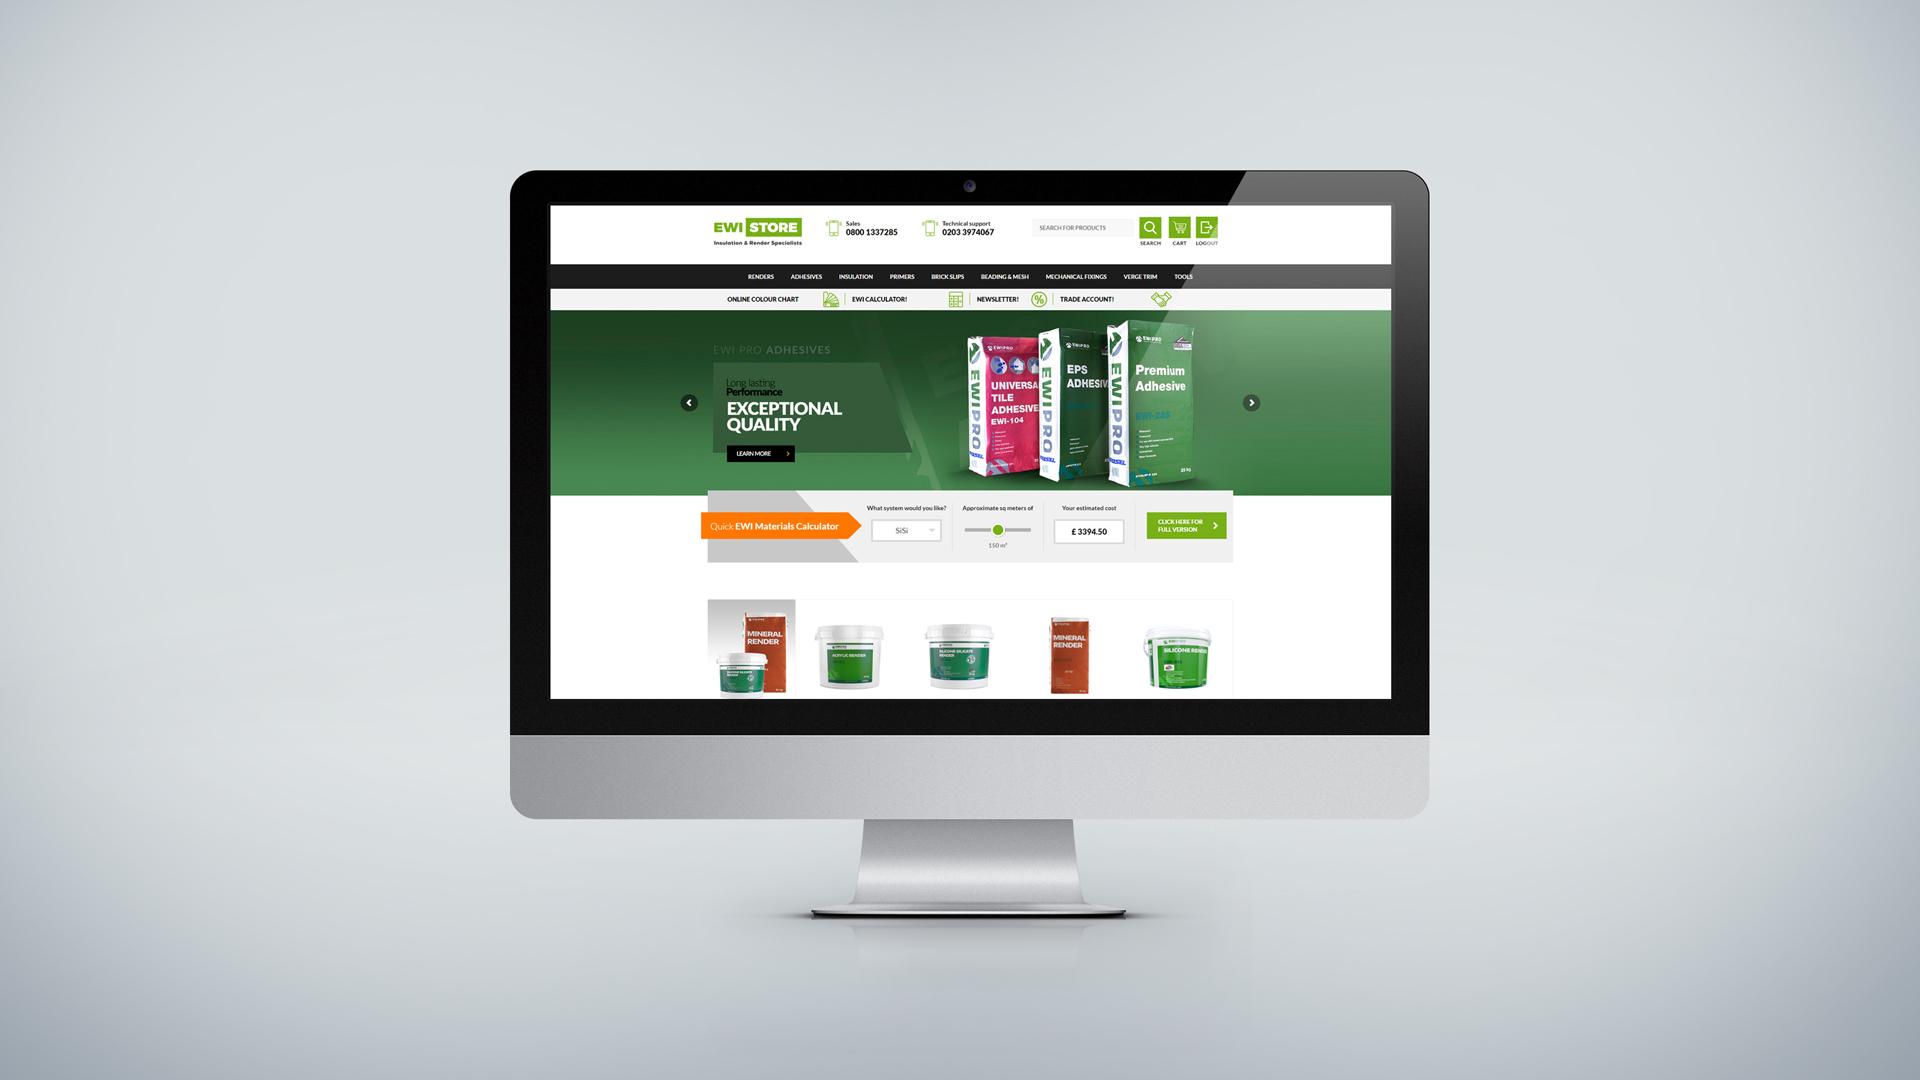 EWI Store website screen